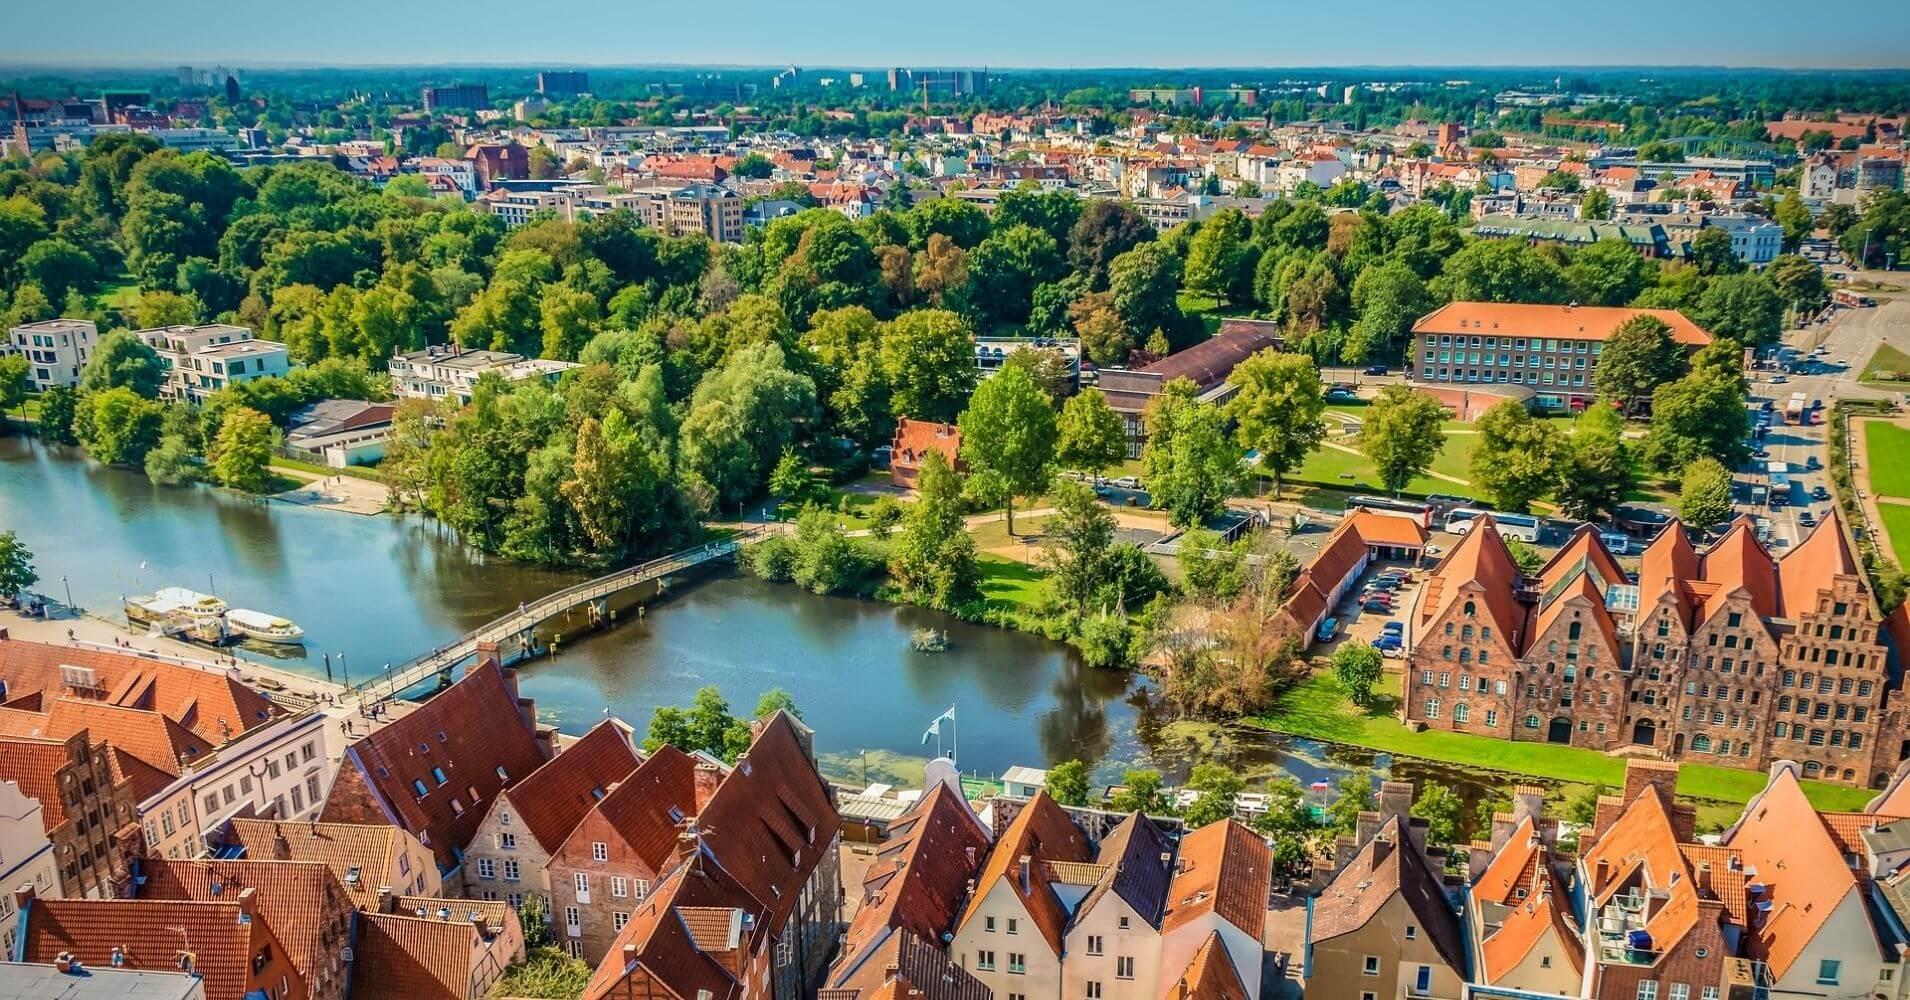 Ciudad hanseática de Lübeck. Schleswig-Holstein. Alemania.